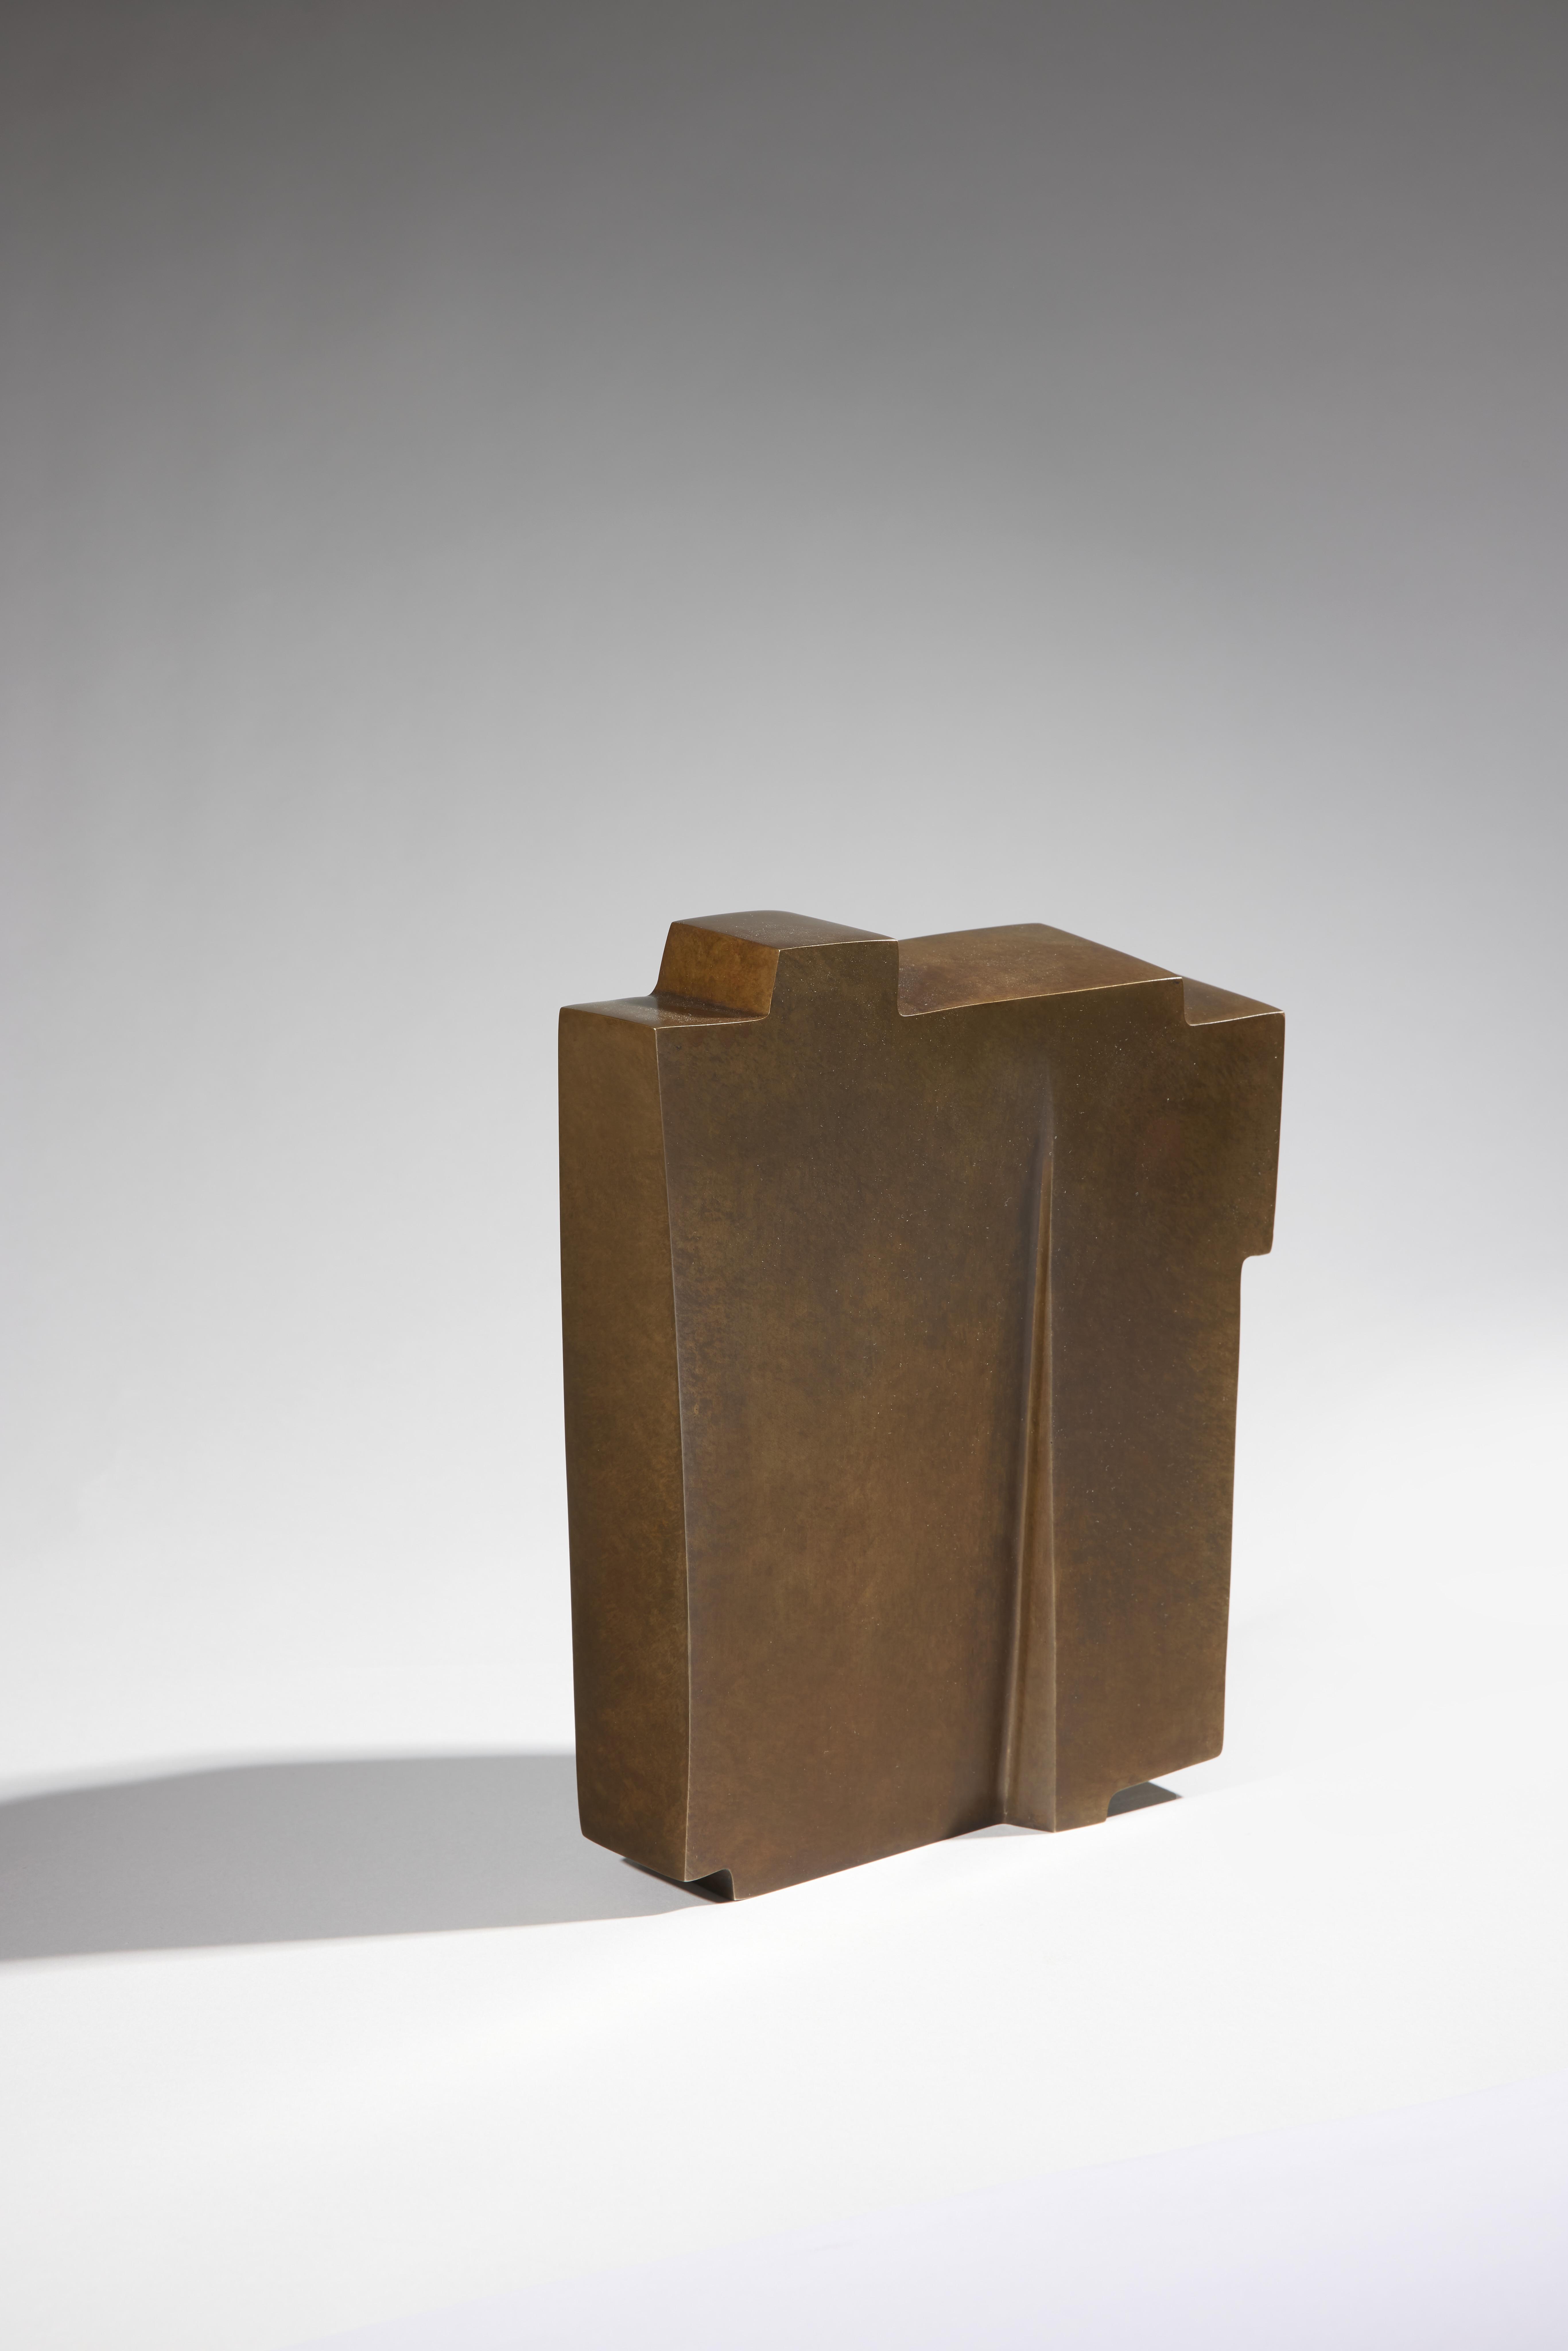 ALTO - Galerie Negropontes